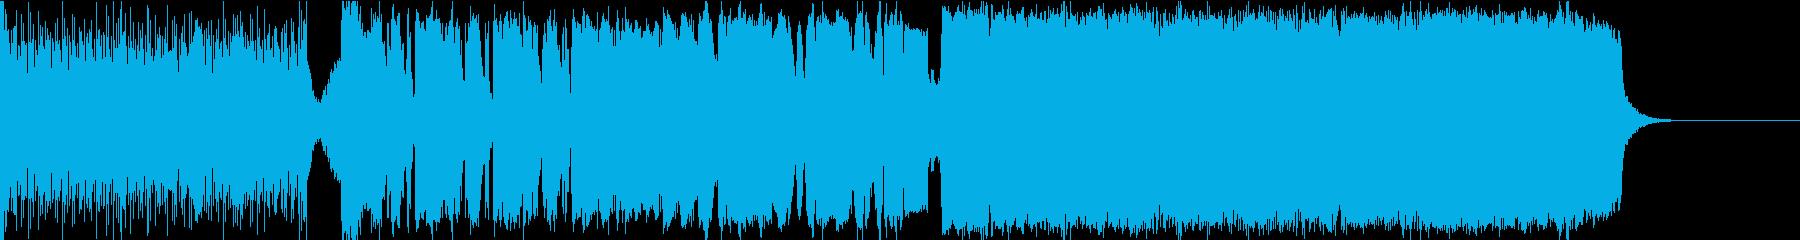 壮大なエピック ヴォーカライズとクワイヤの再生済みの波形